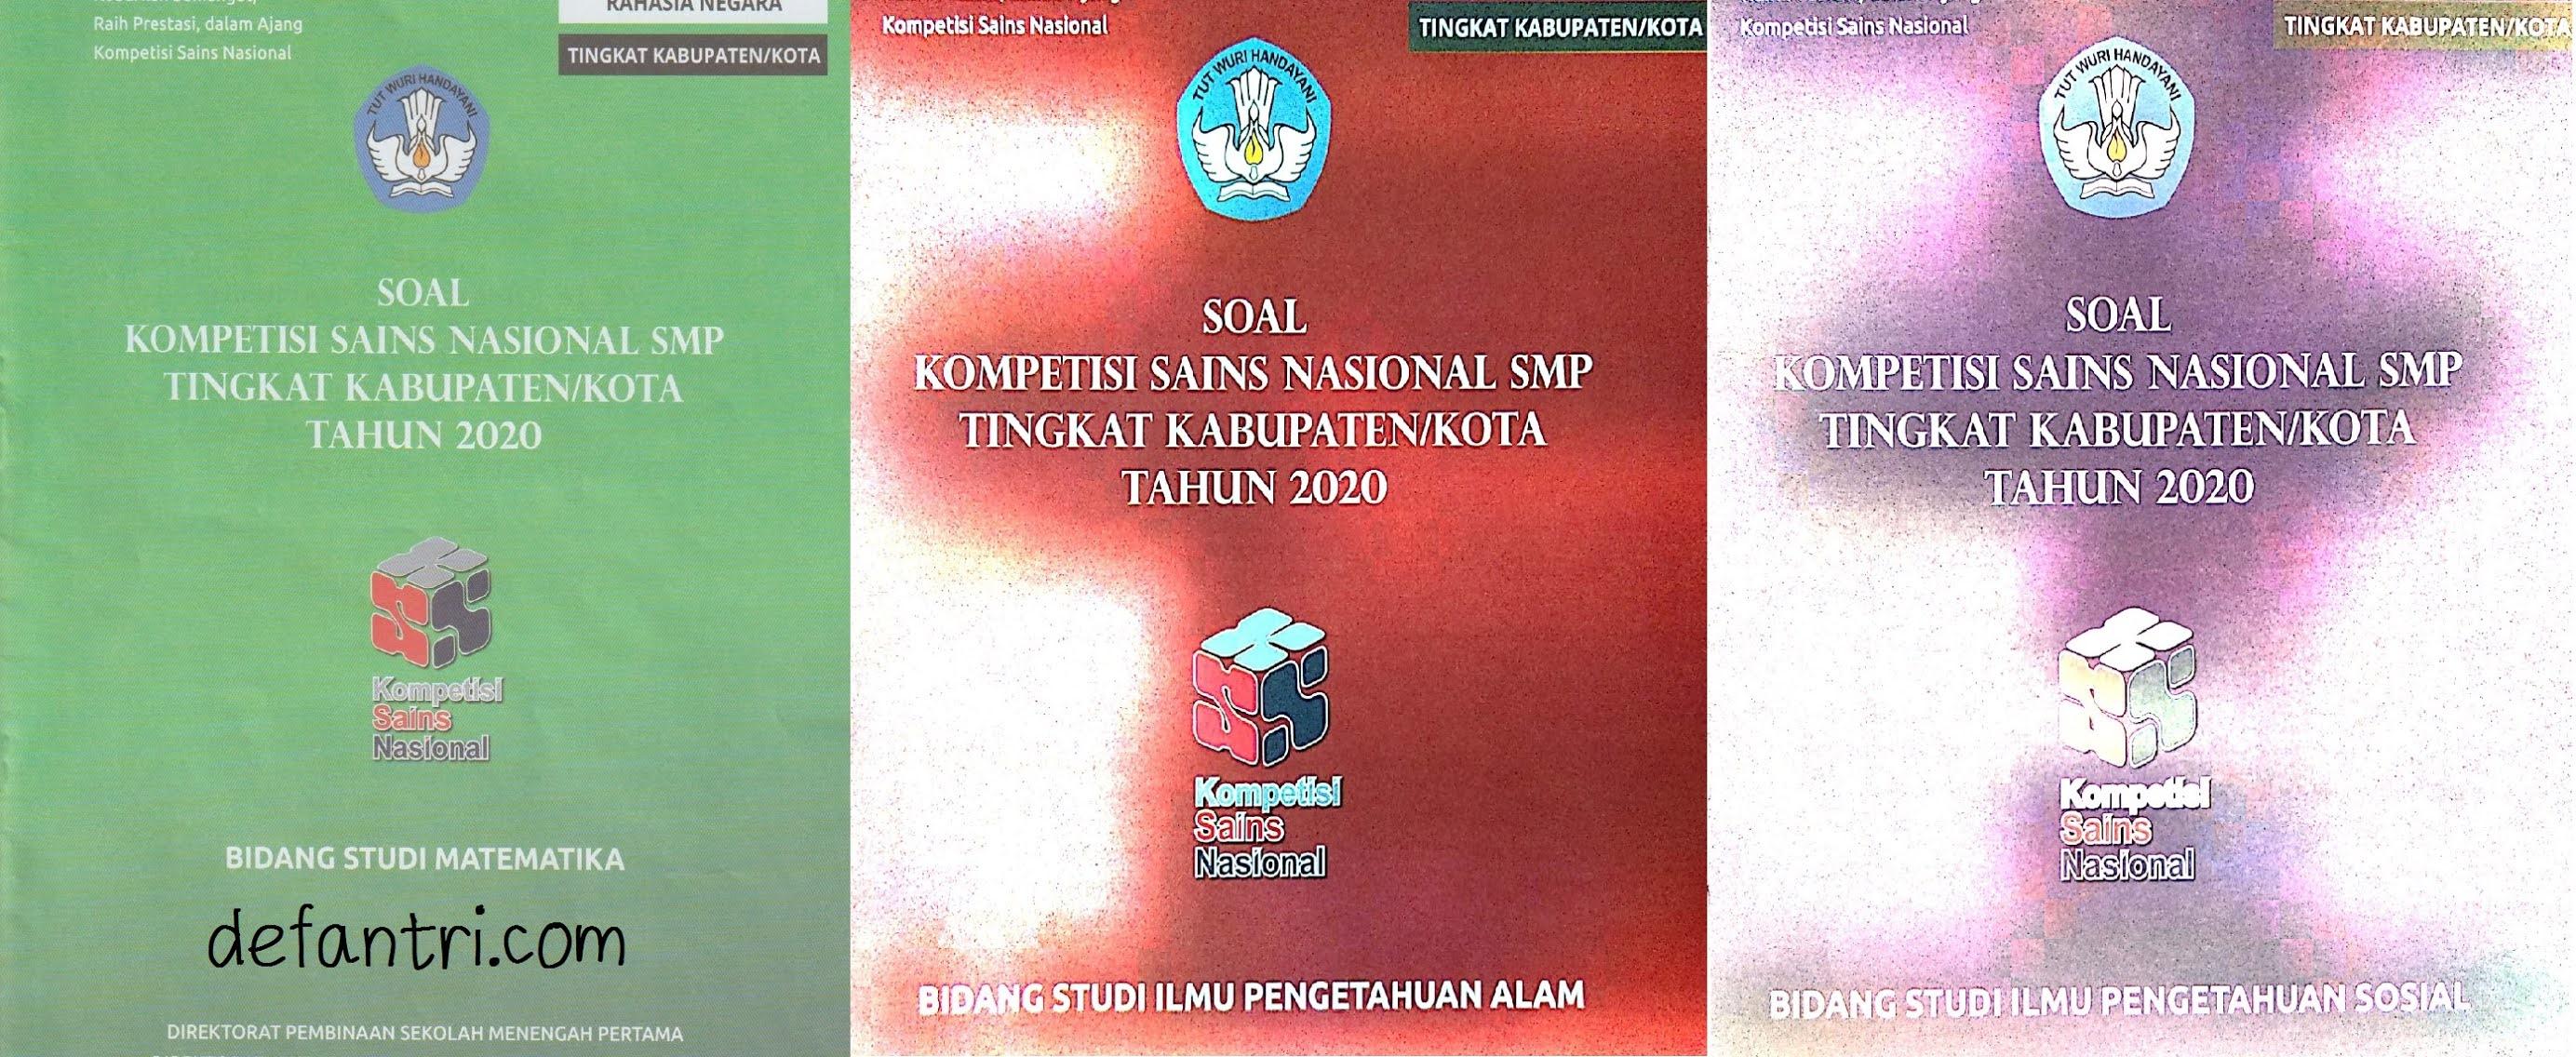 Download Soal Asli Kompetisi Sains Nasional Tingkat Kabupaten-Kota Tahun 2020 Untuk SMP Mata Pelajaran Matematika, IPA dan IPS